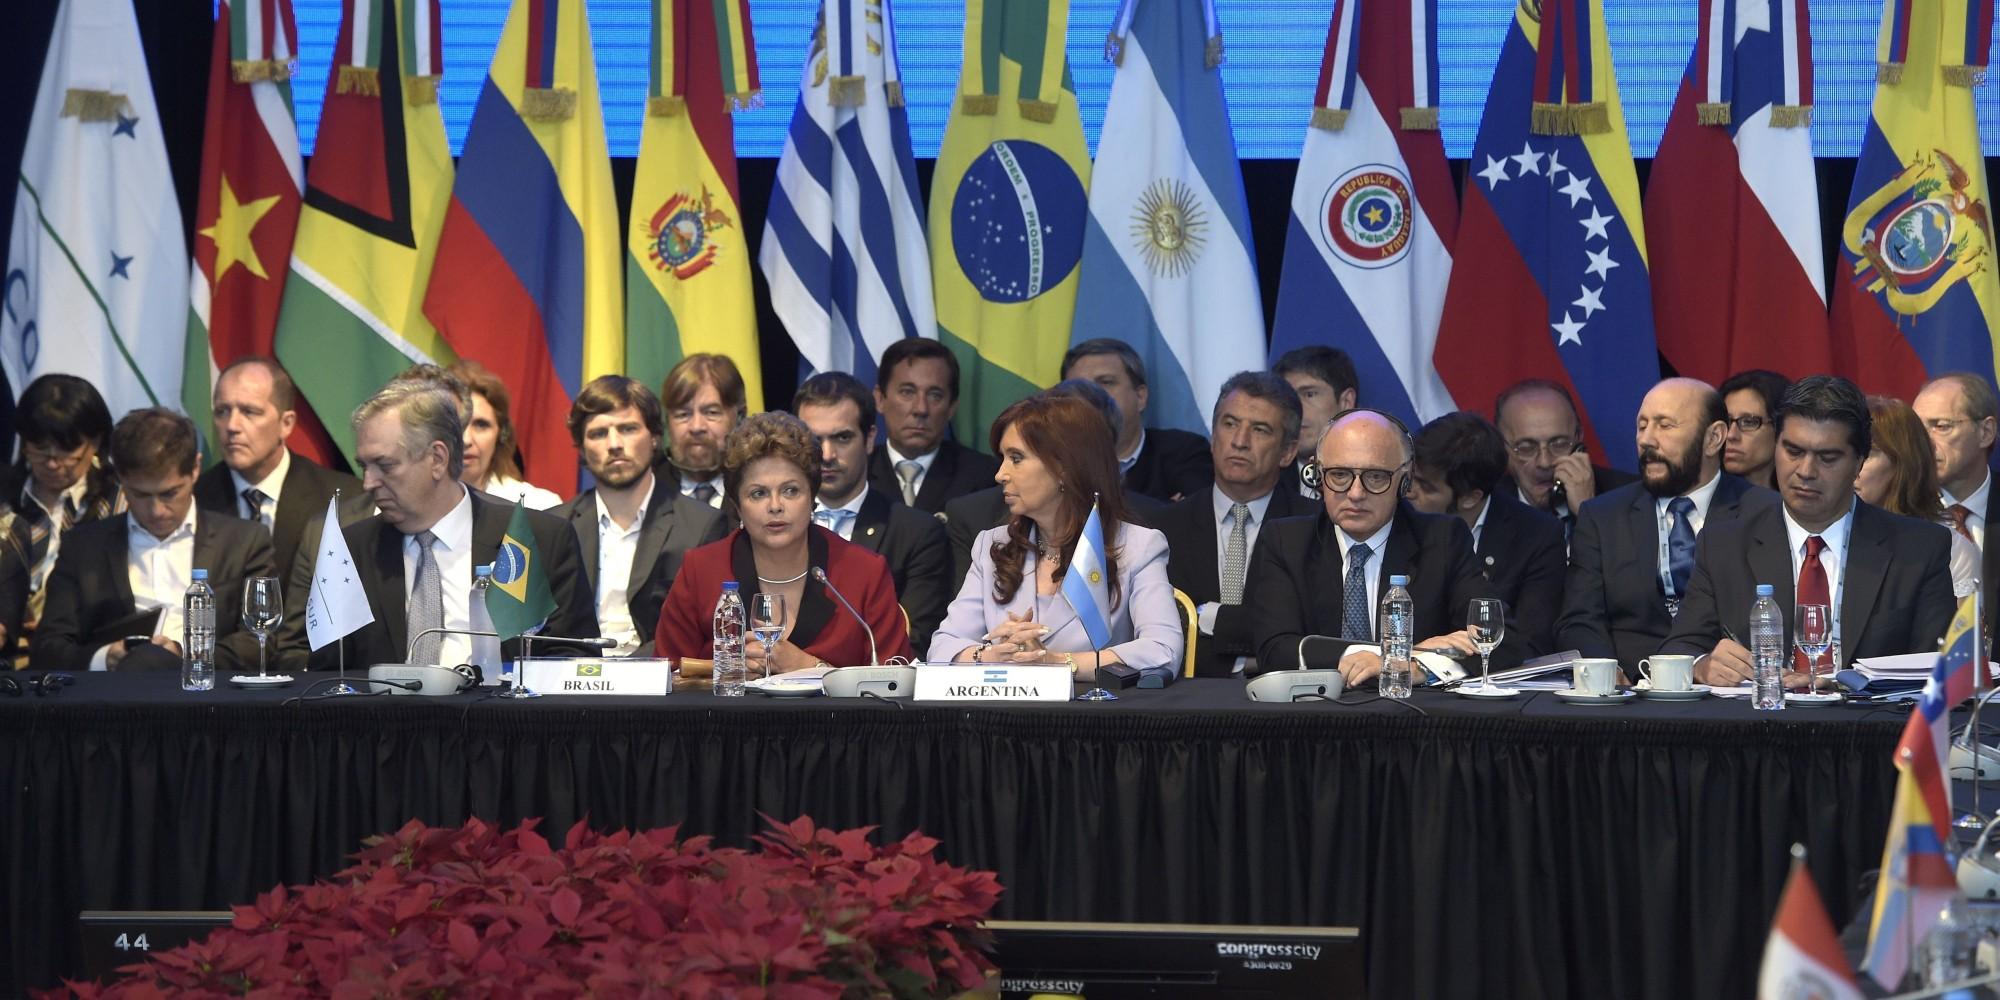 拉美諸國的粉紅領袖們,正面臨民心向右轉的嚴竣挑戰。(圖片來源:Juan Mabromata/Getty Images)